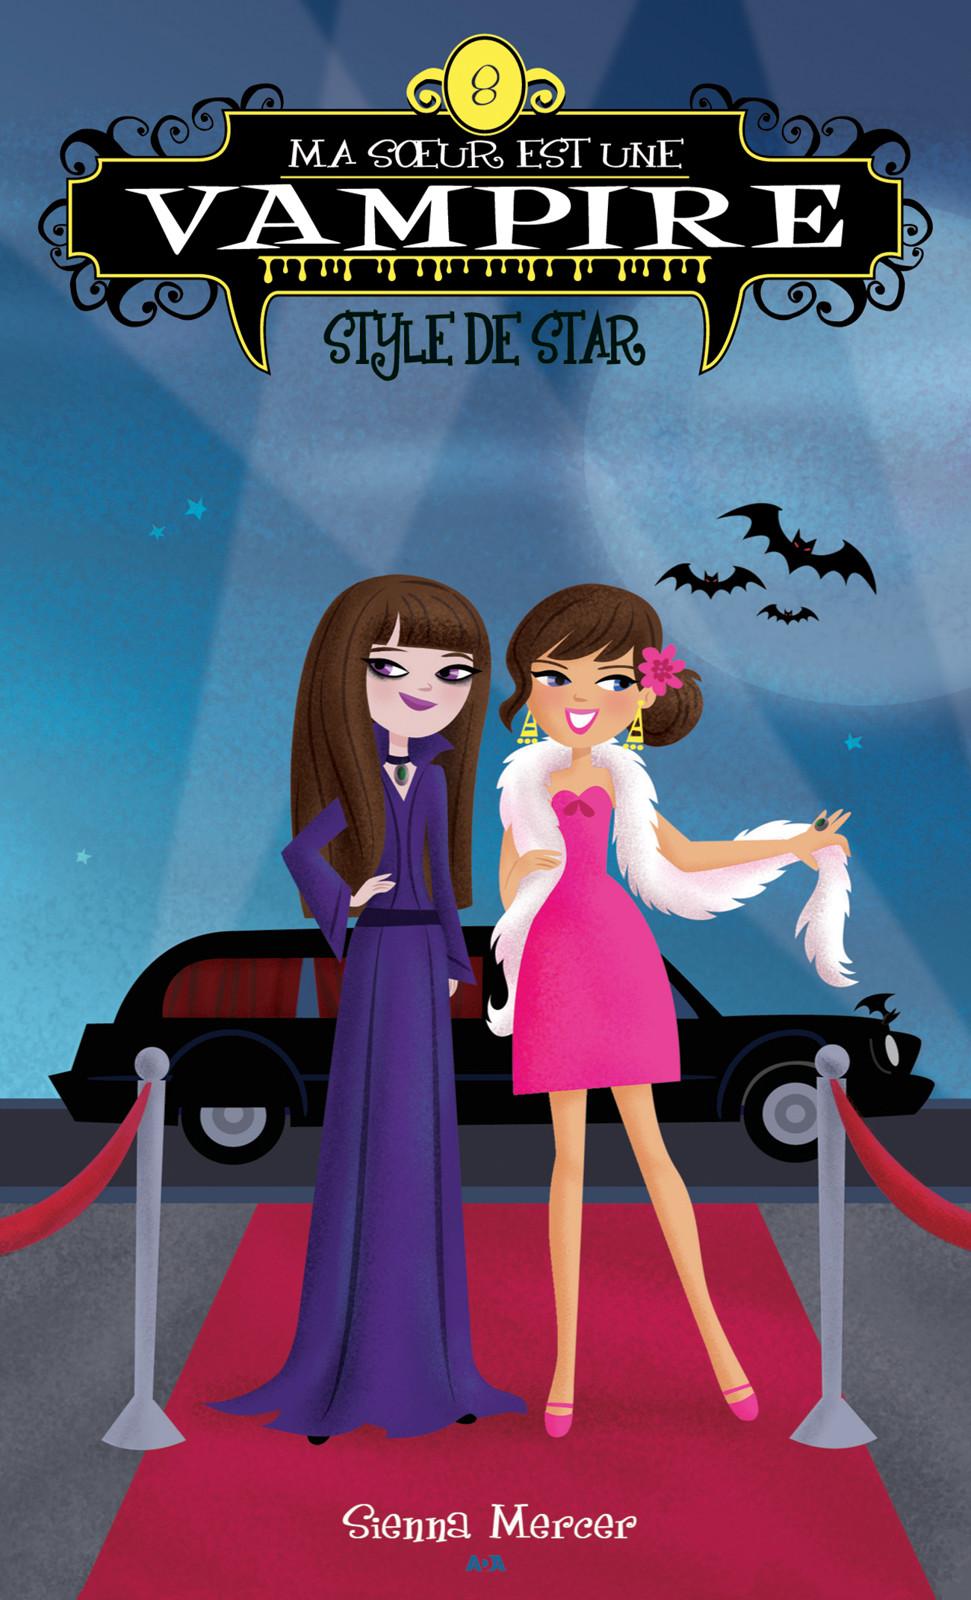 Ma soeur est une vampire, Style de star